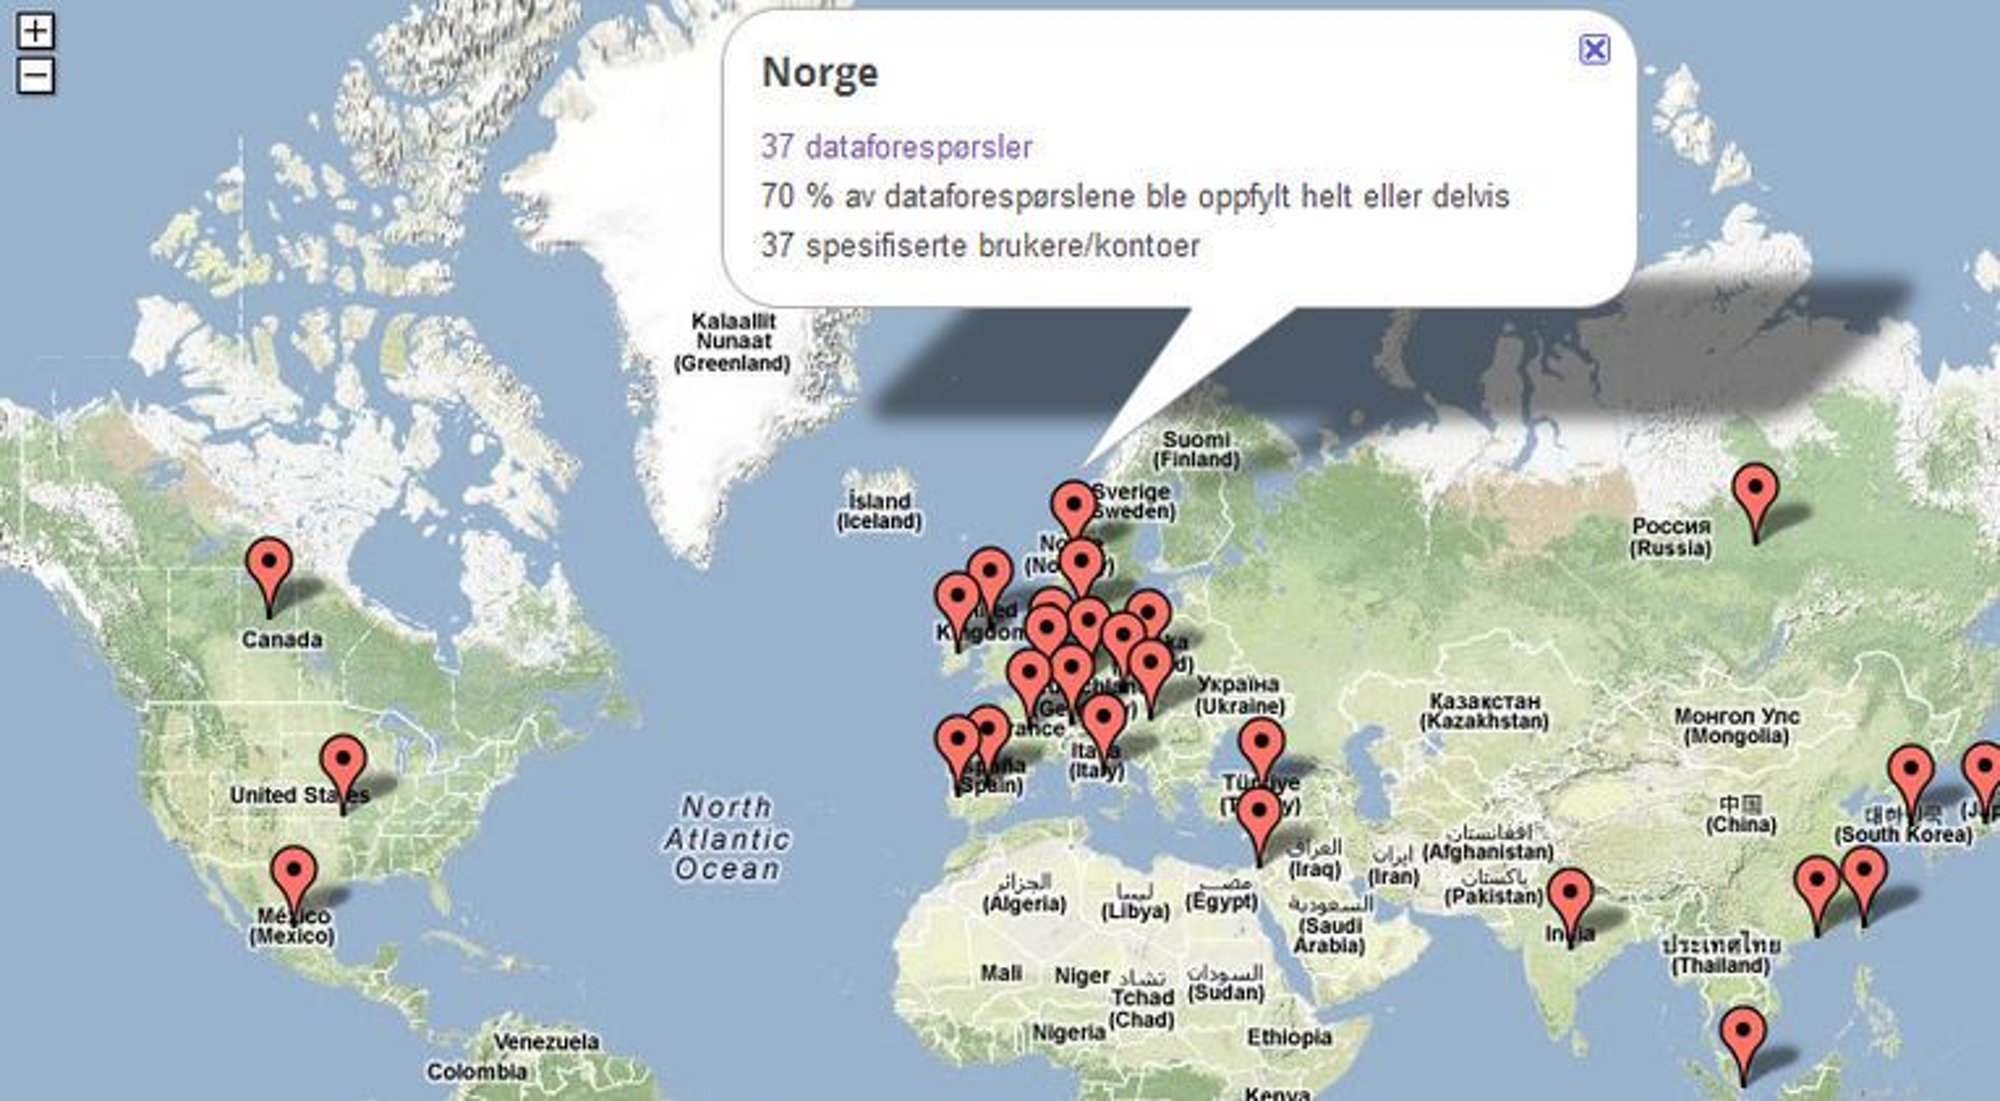 kart over tyrkia google Norge ba om innsyn i 37 Google kontoer   Digi.no kart over tyrkia google